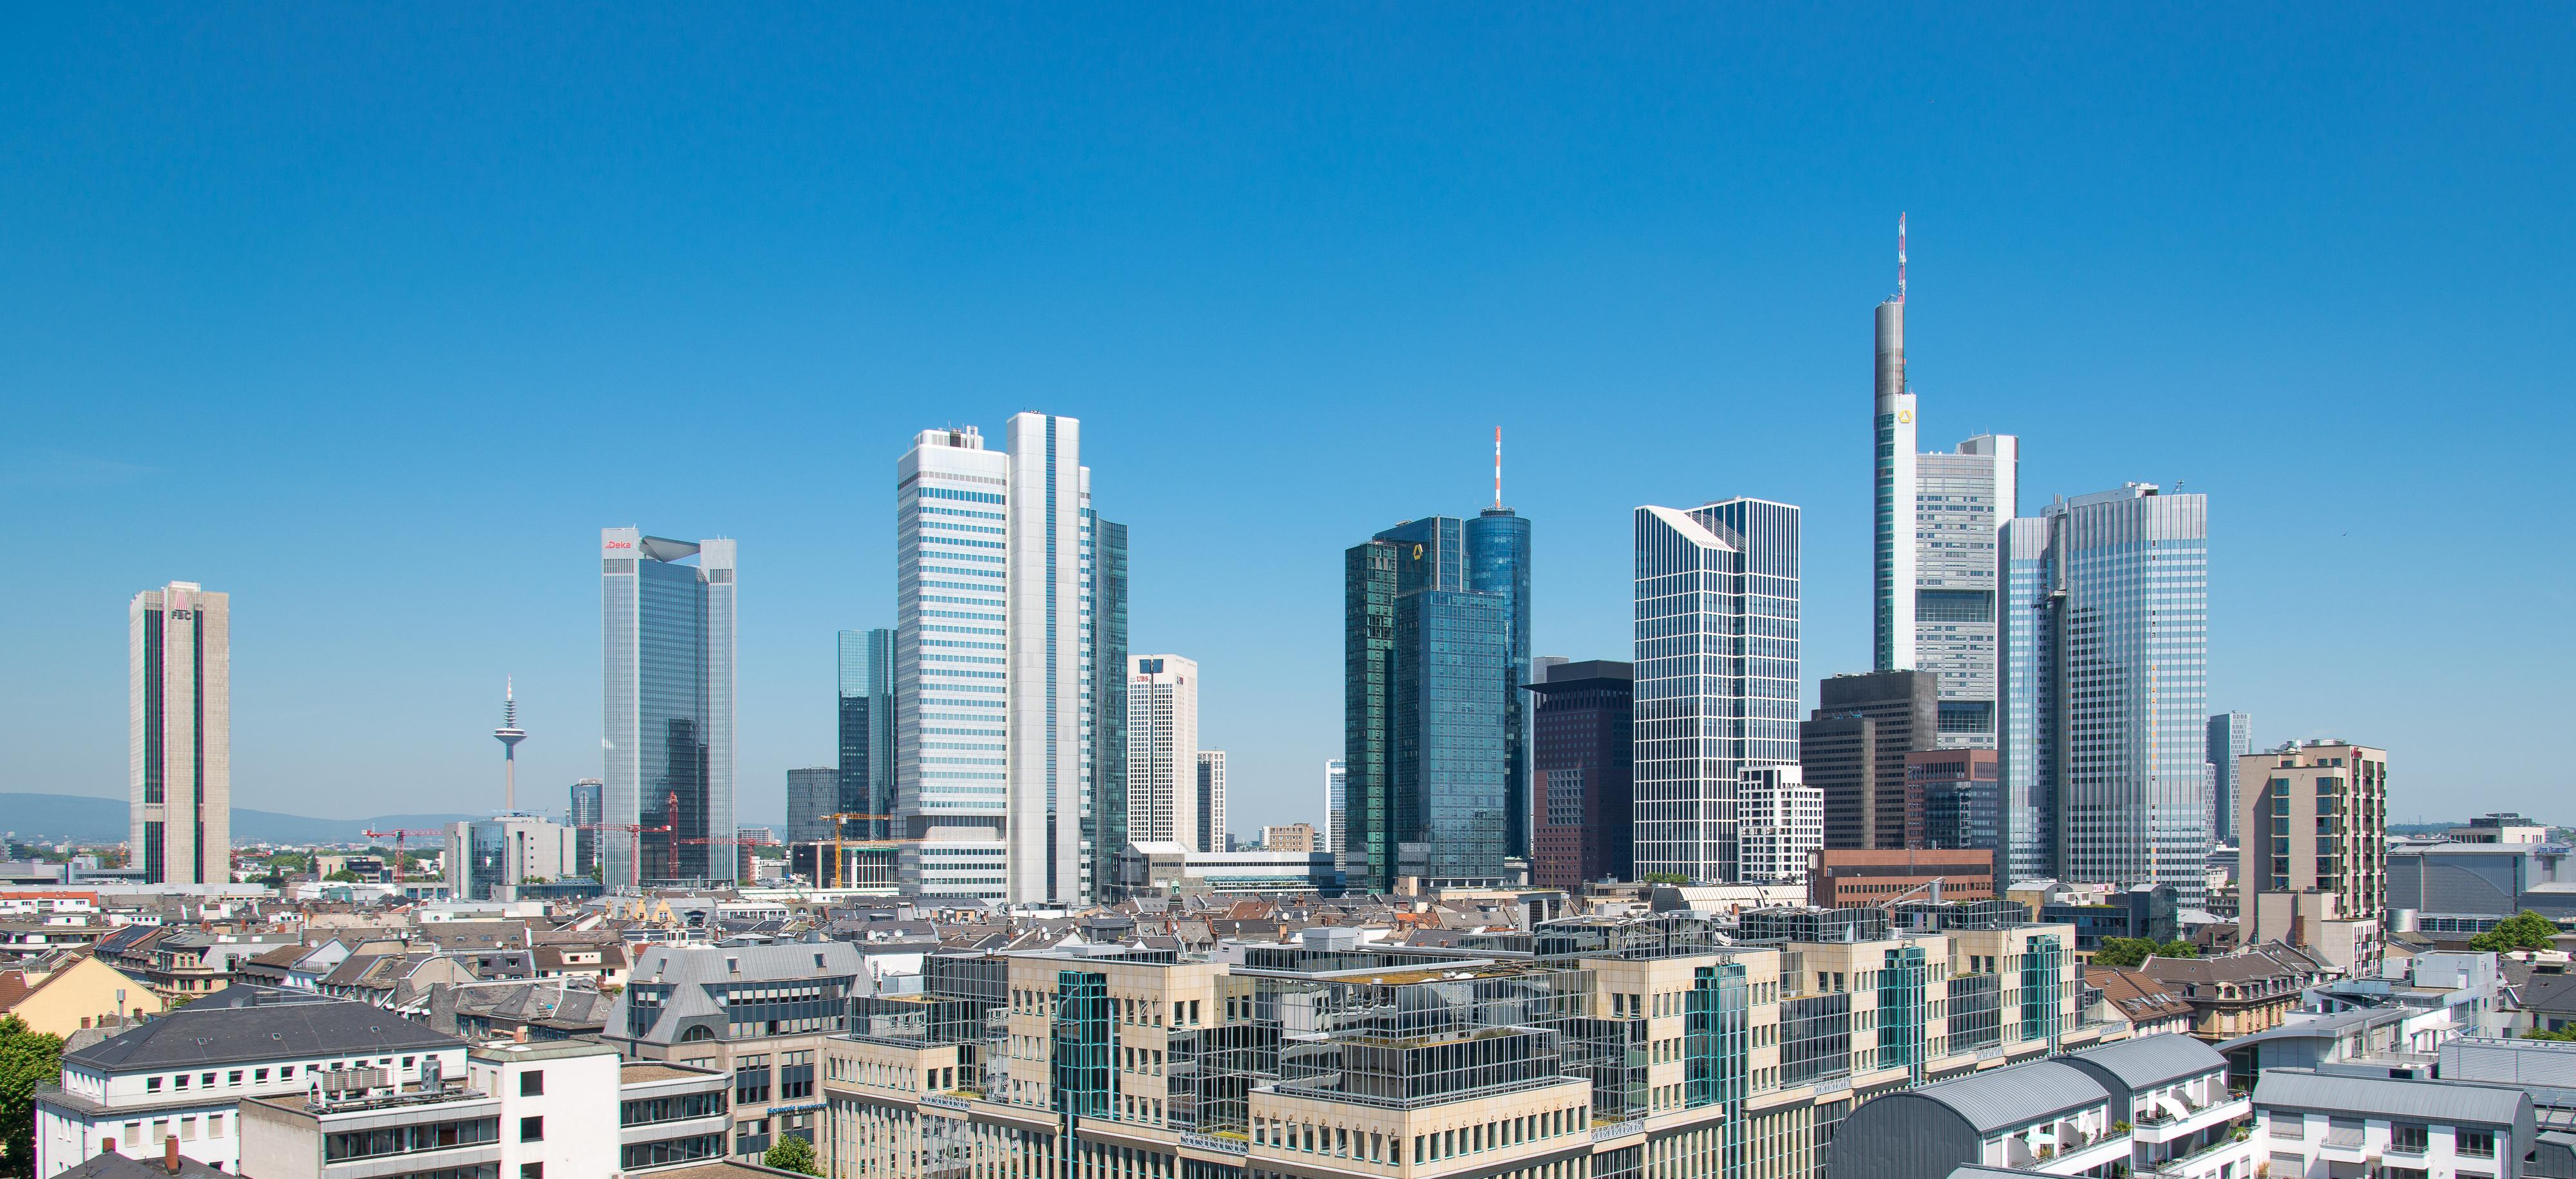 Hochhäuser in Frankfurt am Main[Bearbeiten - Quelltext bearbeiten]